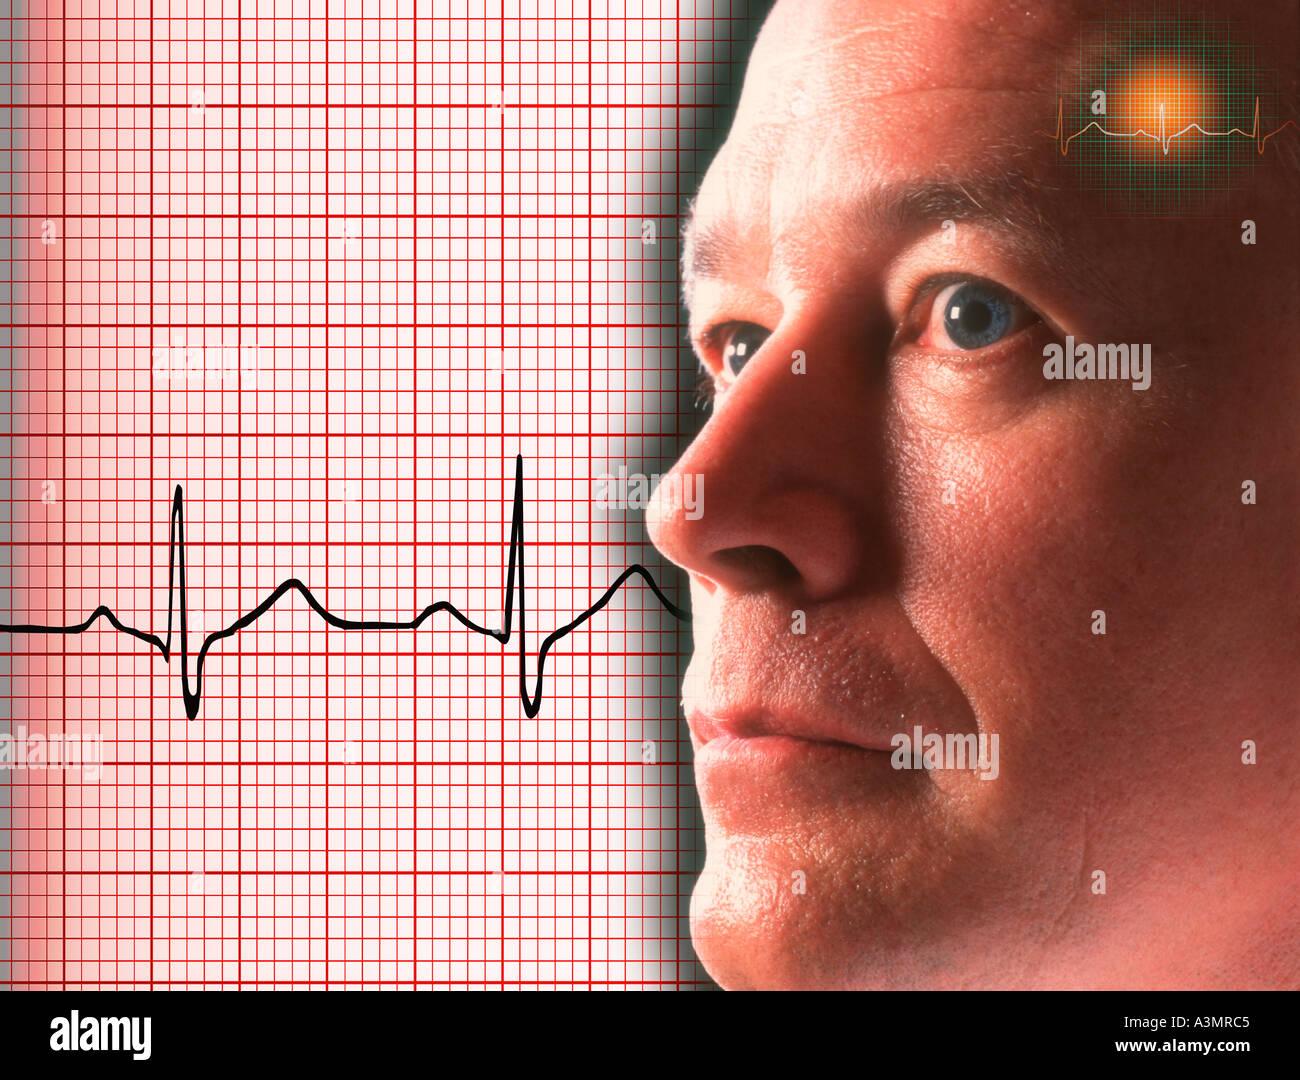 Konzept-Bild des Arztes mit Elektrokardiogramm Hintergrund Stockbild